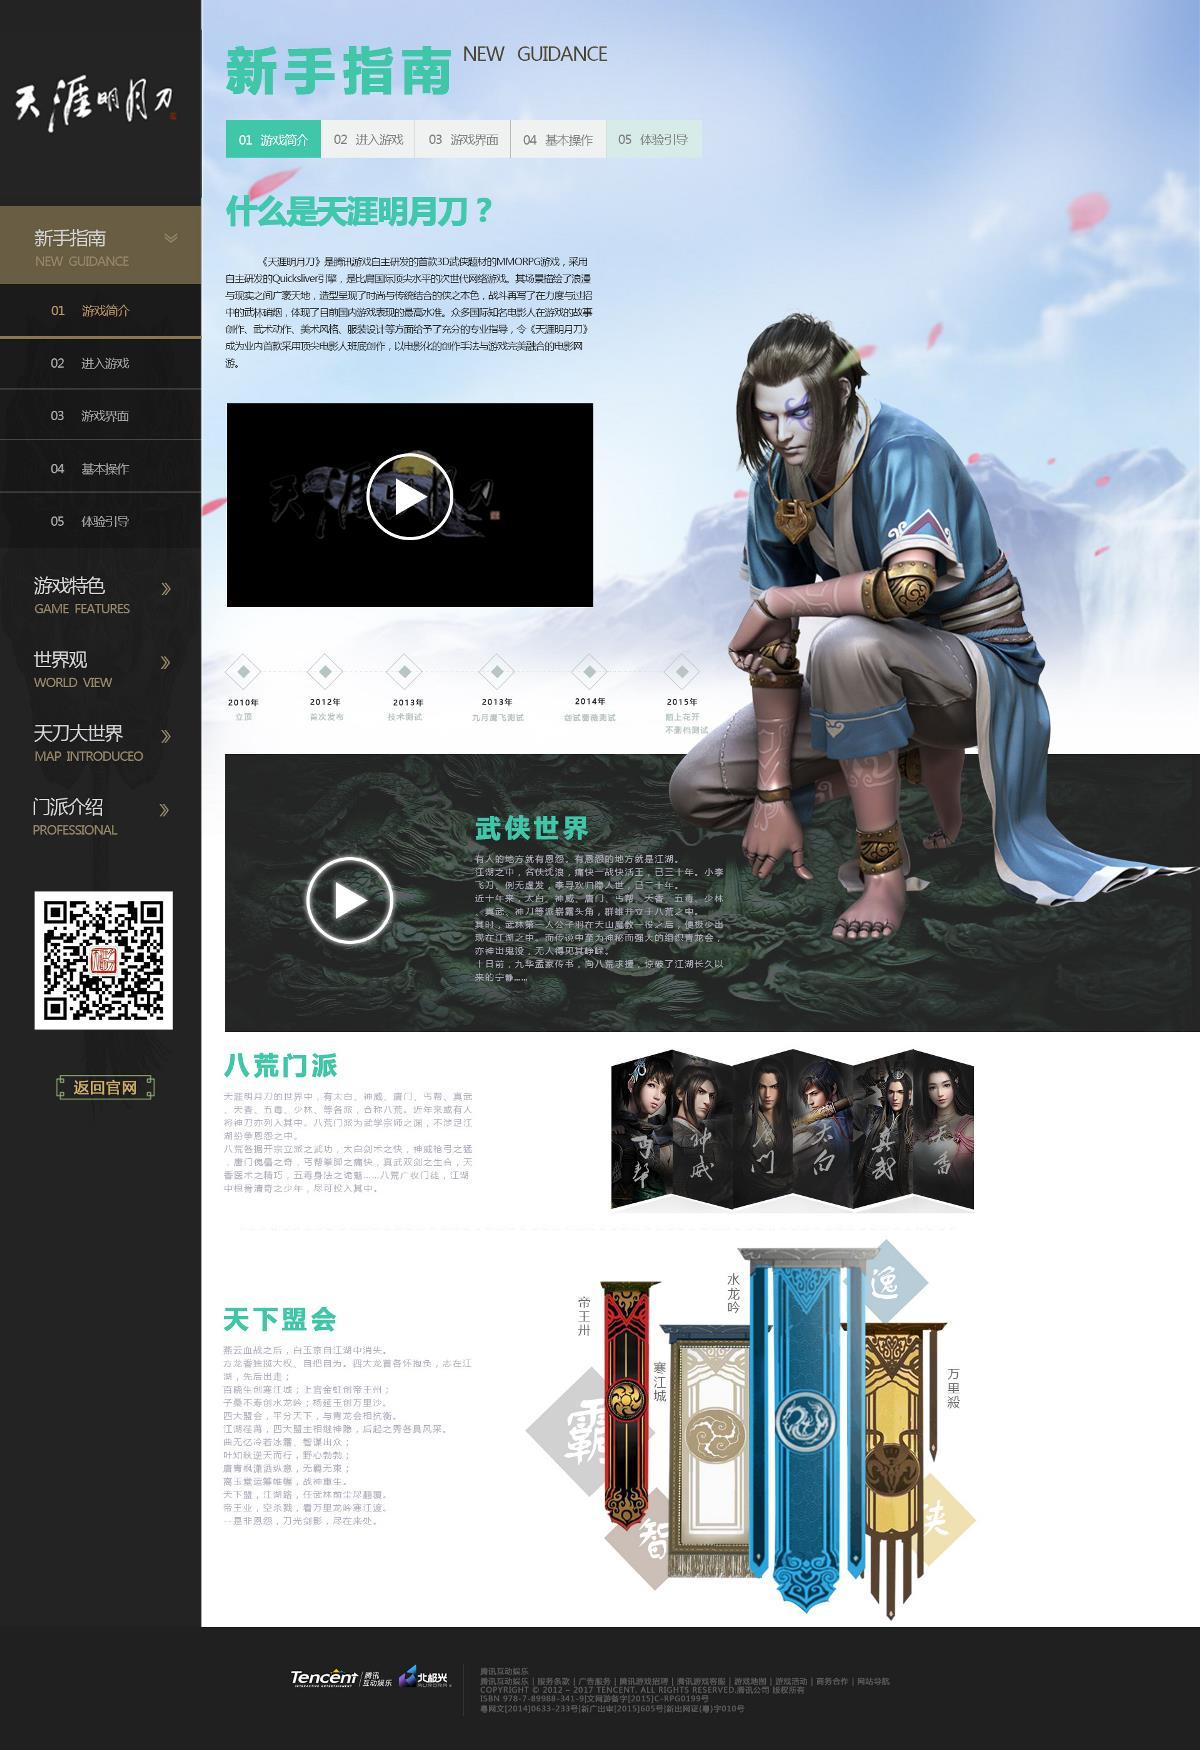 《天涯明月刀》官网排版设计